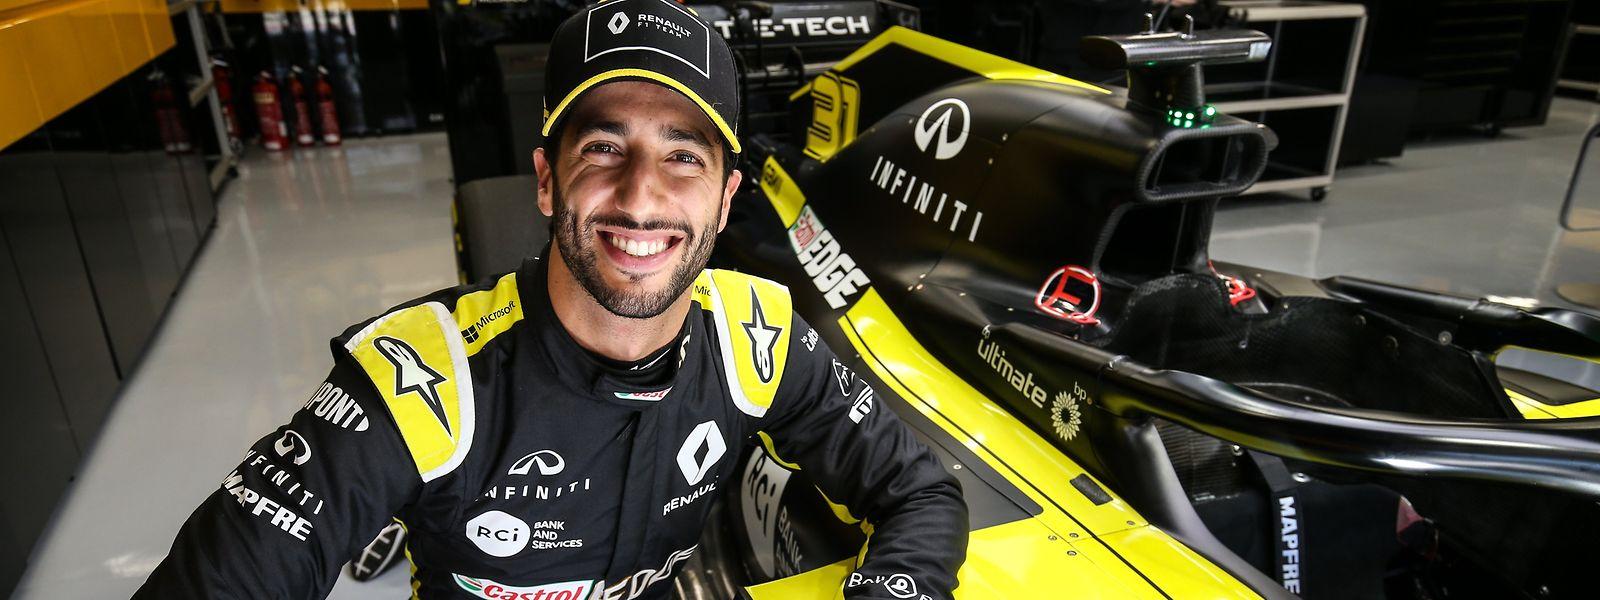 In der vergangenen Saison landete Daniel Ricciardo auf dem neunten Rang in der WM-Gesamtwertung.